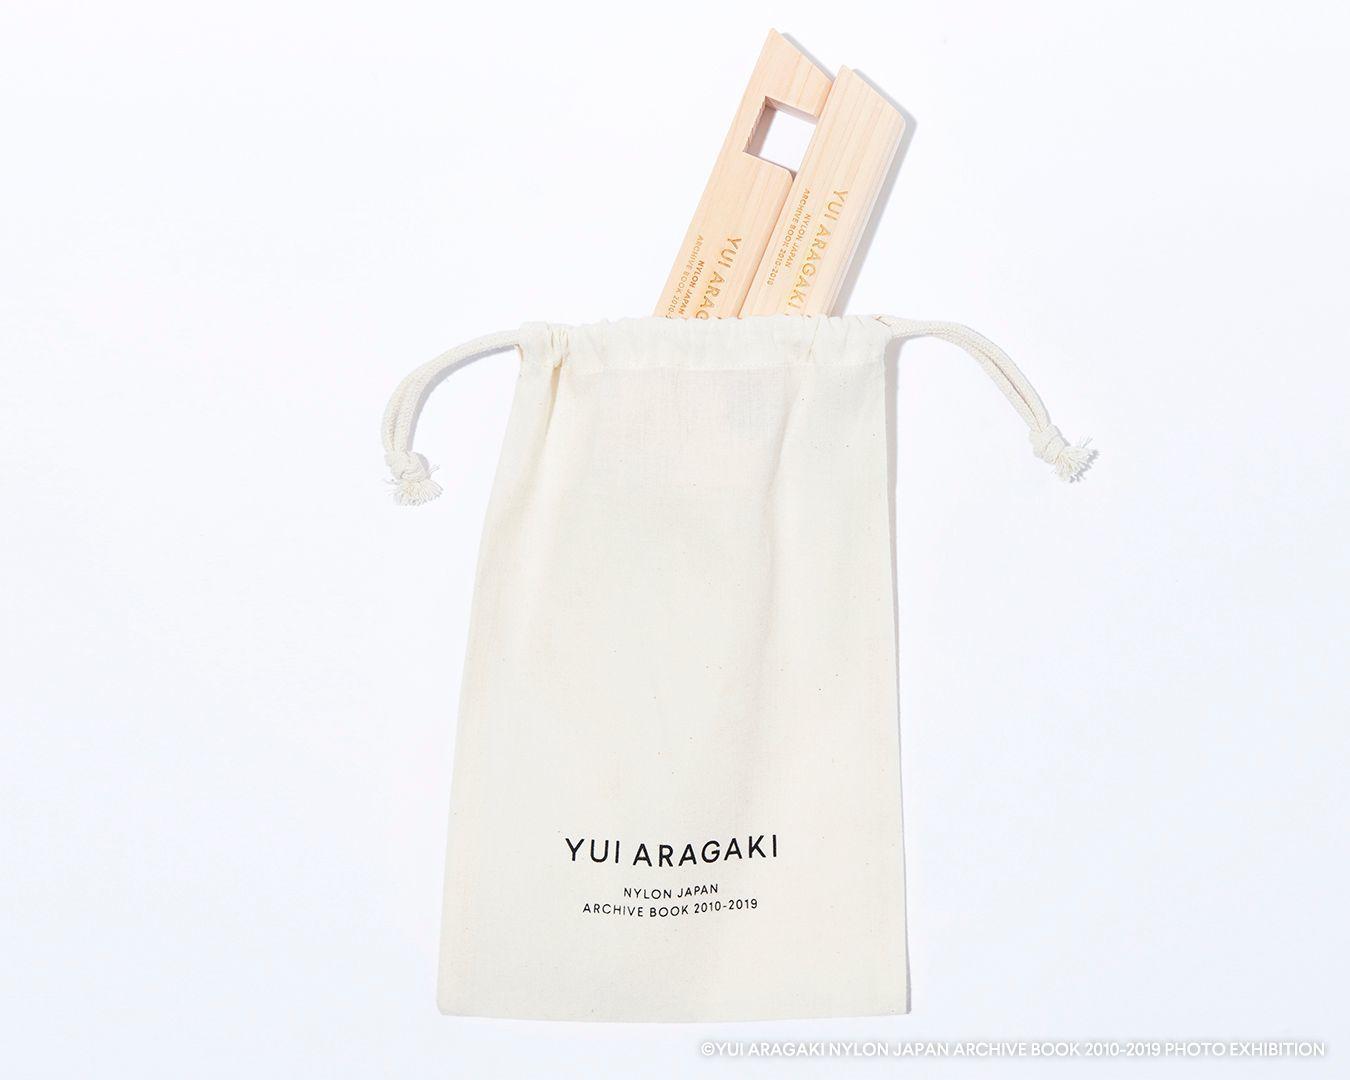 ブックスタンドに付属するポーチ (C)YUI ARAGAKI NYLON JAPAN ARCHIVE BOOK 2010-2019 PHOTO EXHIBITION